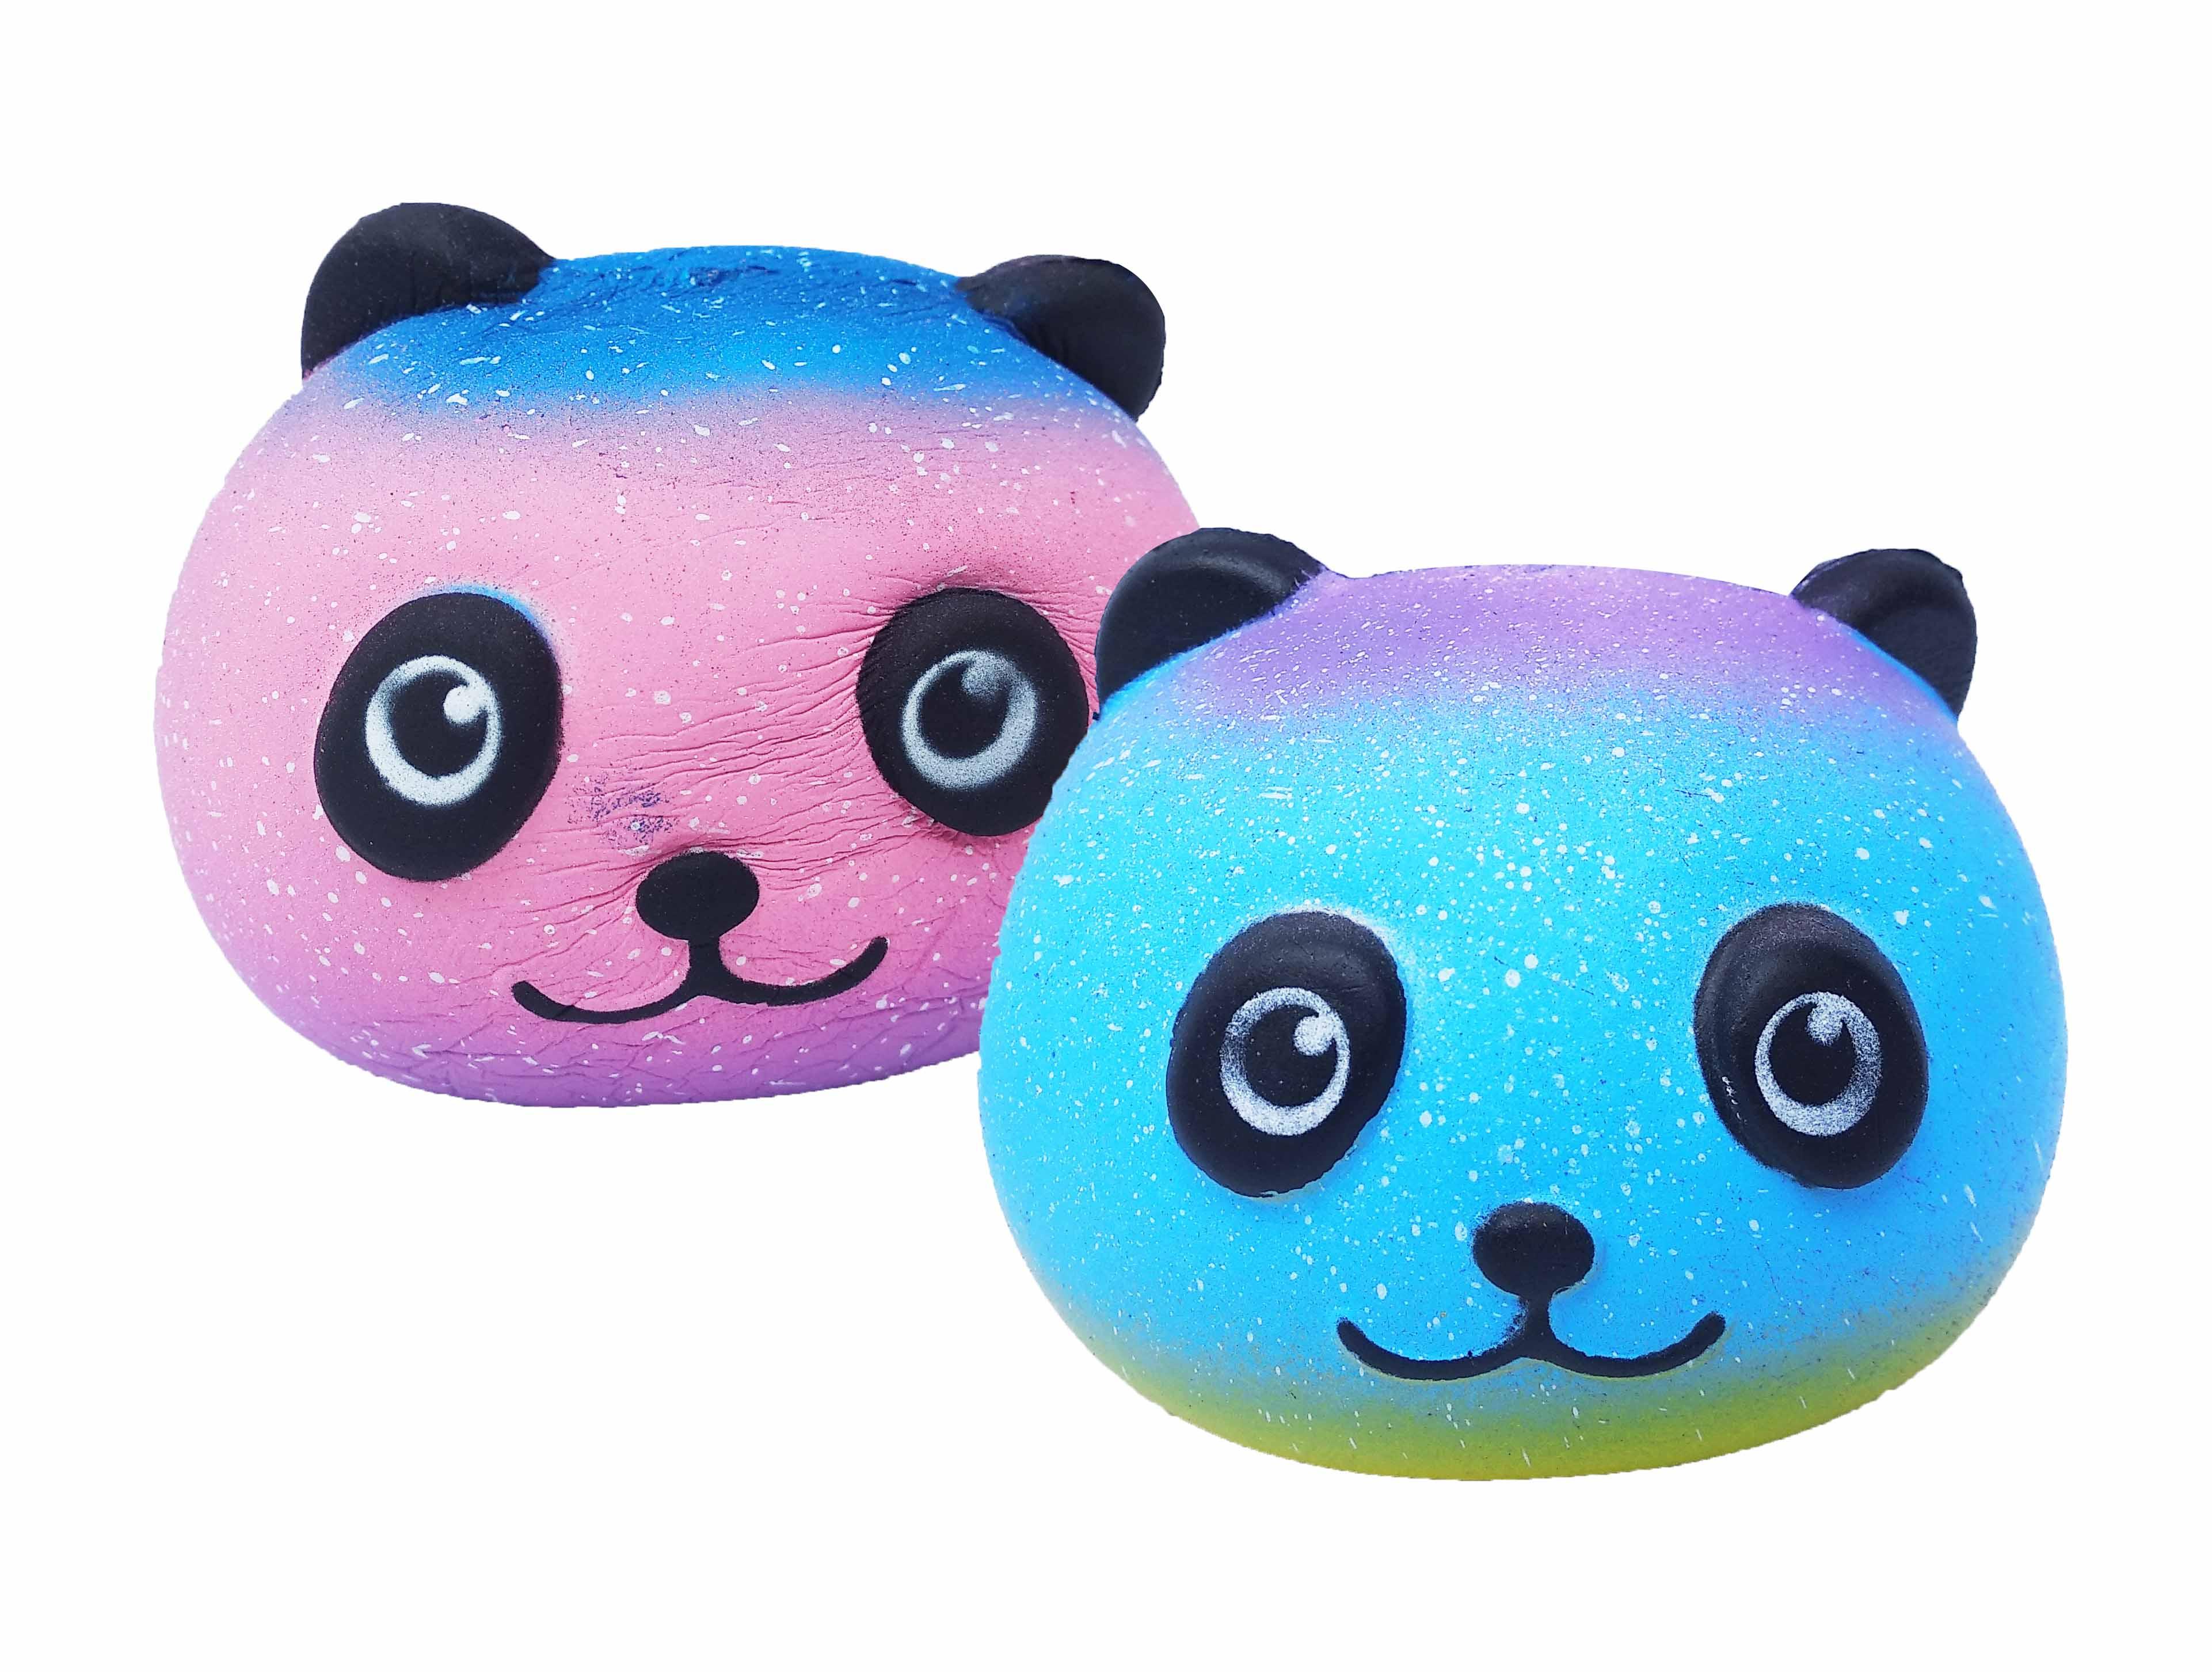 toko mainan online SQUISHY BAKPAO PANDA - BD23